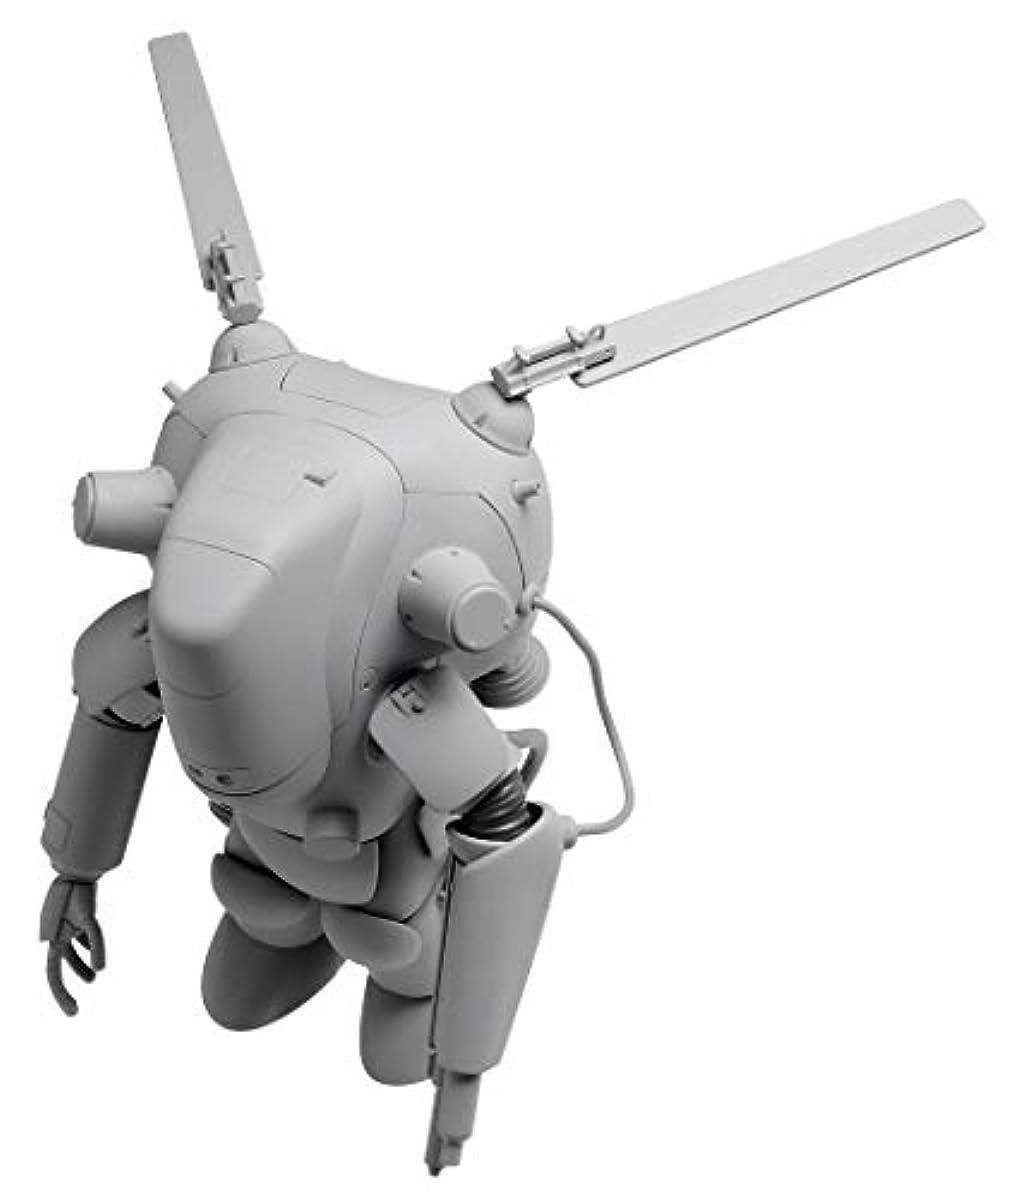 [해외] 웨이브 머신 크리거 P.K.A. WAPRUF K 카우츠 1/20스케일 전높음 약12CM 프라모델  MK-025